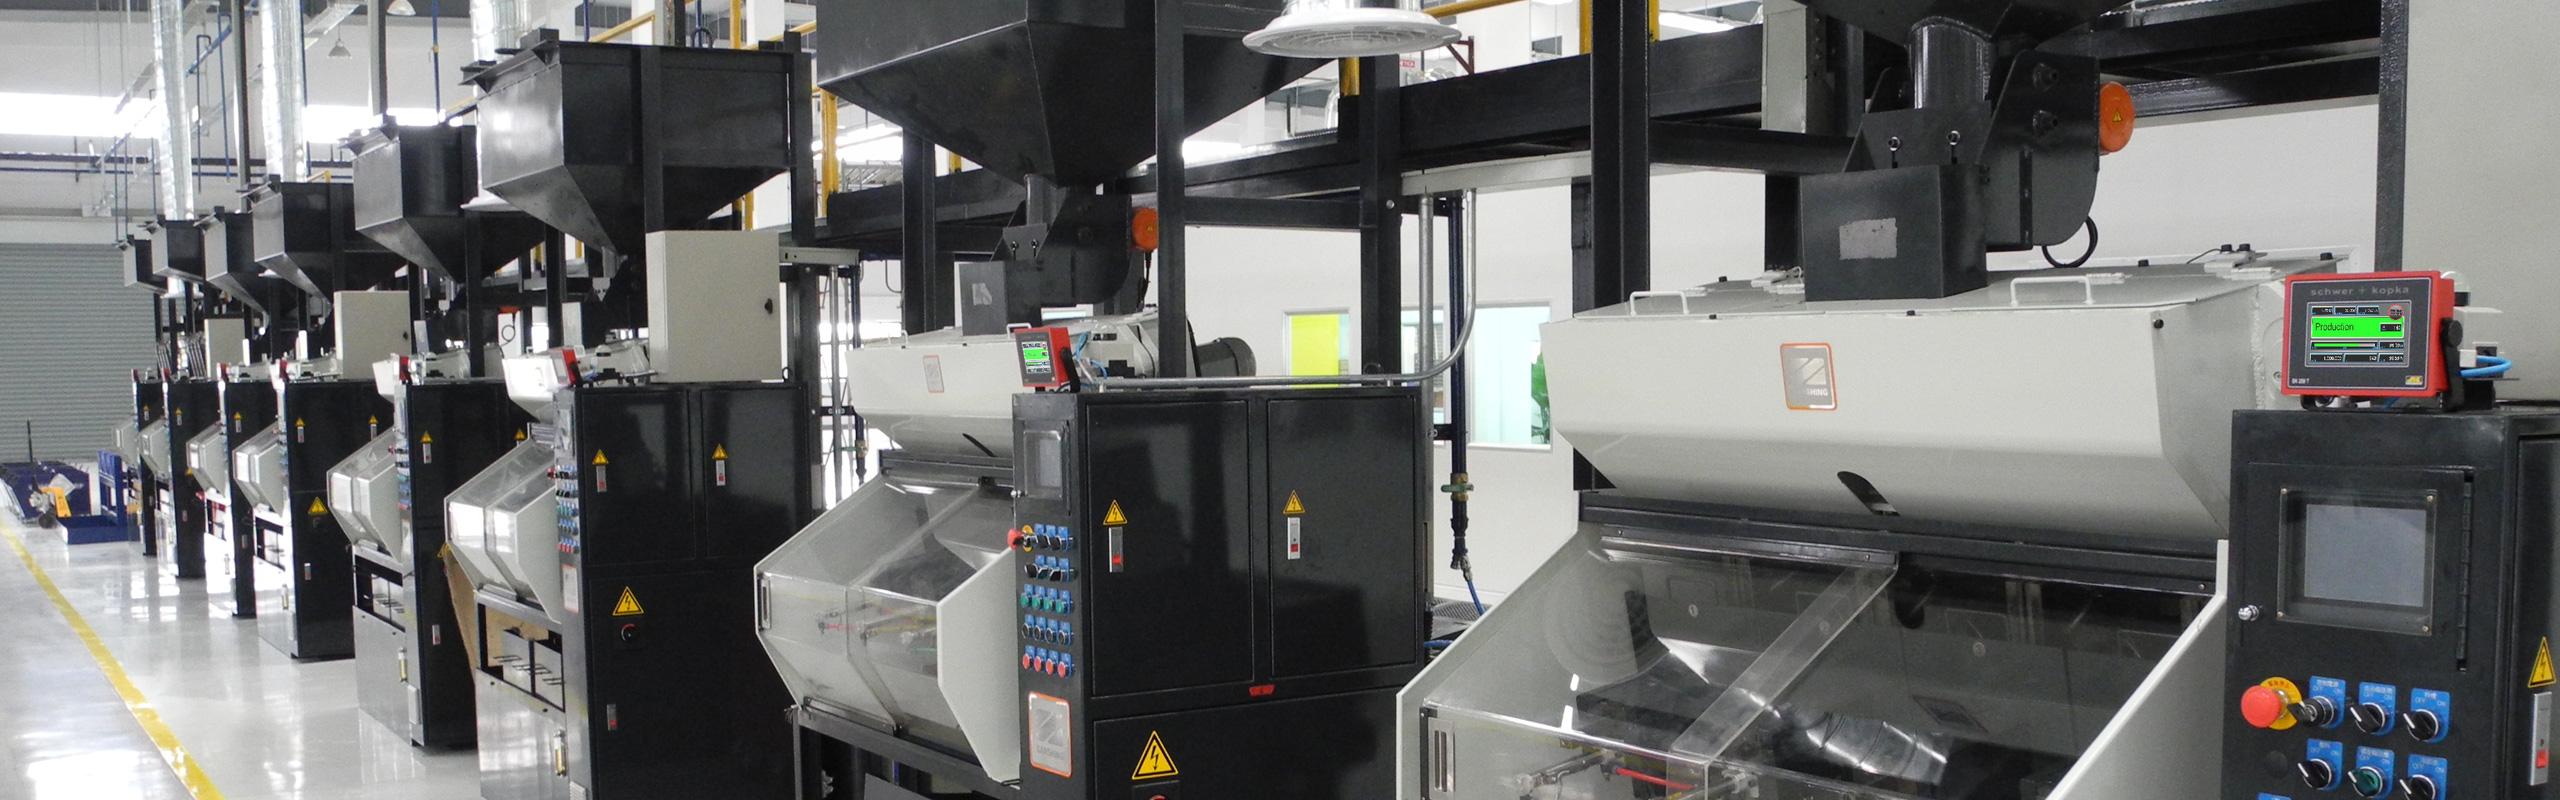 Effizientes Energiemanagement mit Betriebsdatenerfassung für den Serienfertiger